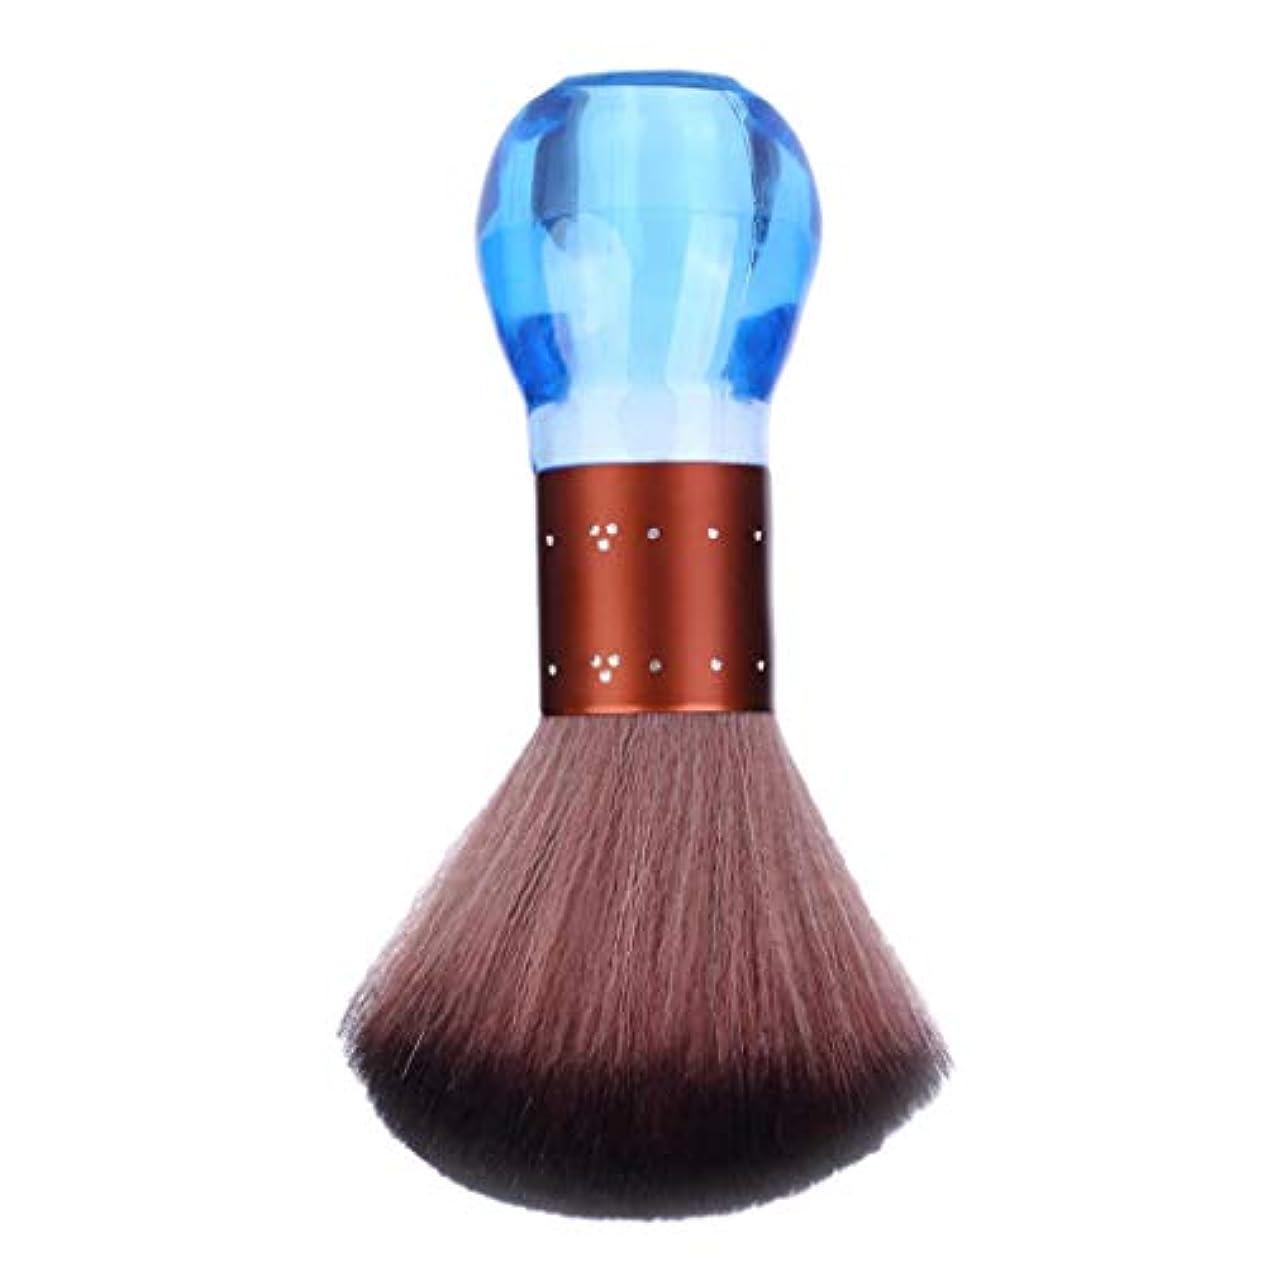 関連付ける実証する販売計画F Fityle ネックダスターブラシ ヘアカット ヘアブラシ ネックダスター 洗浄 理髪 美容